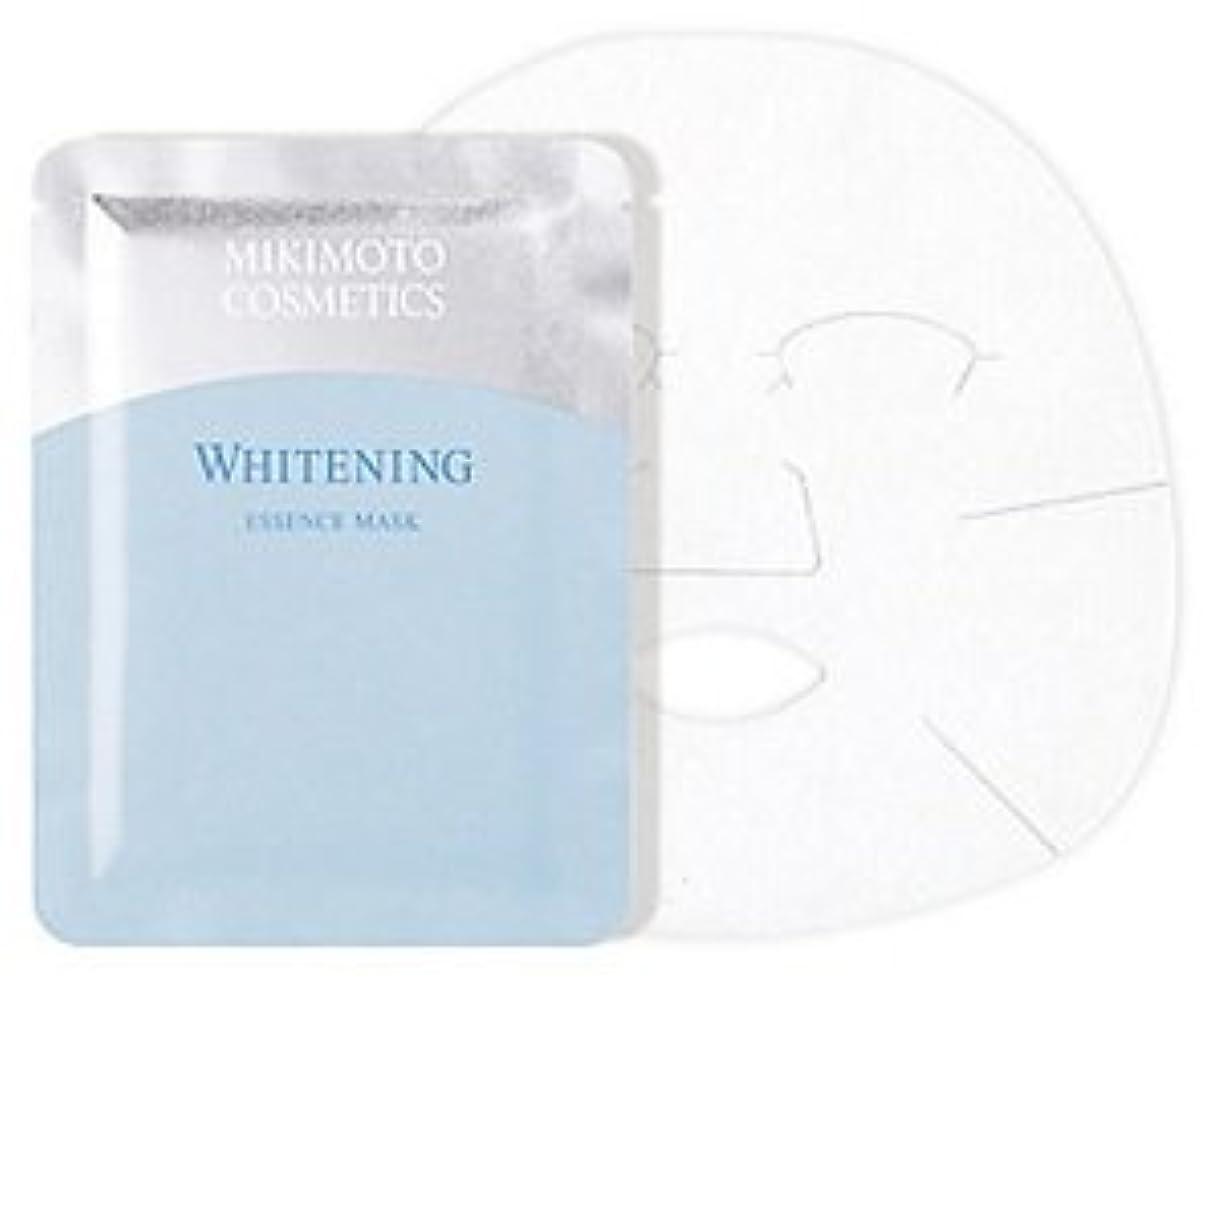 変換ブレーク最初ミキモト ホワイトニング エッセンス マスク 21mlx6枚入 薬用美白状シートマスク